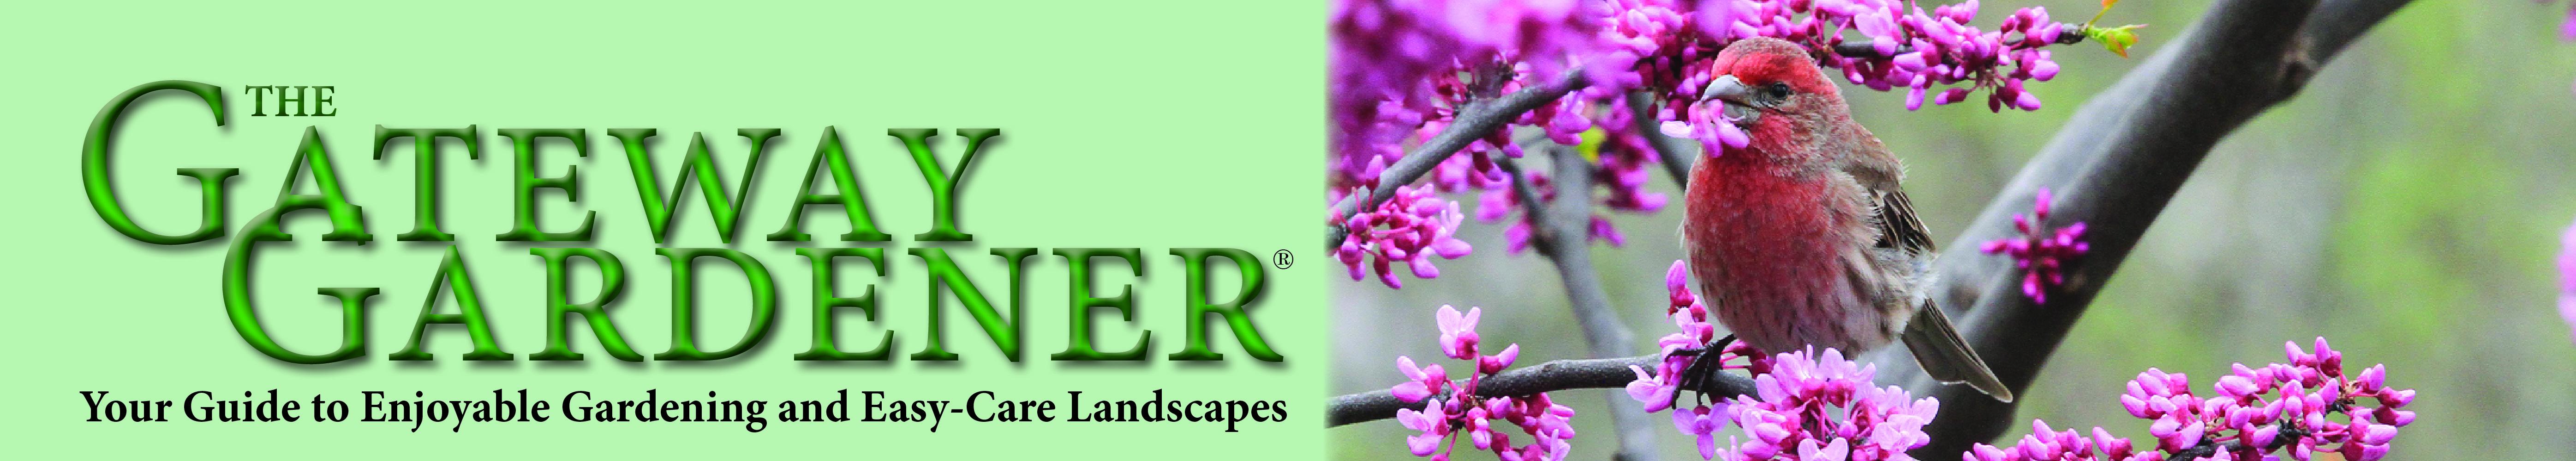 Gateway Gardener website header